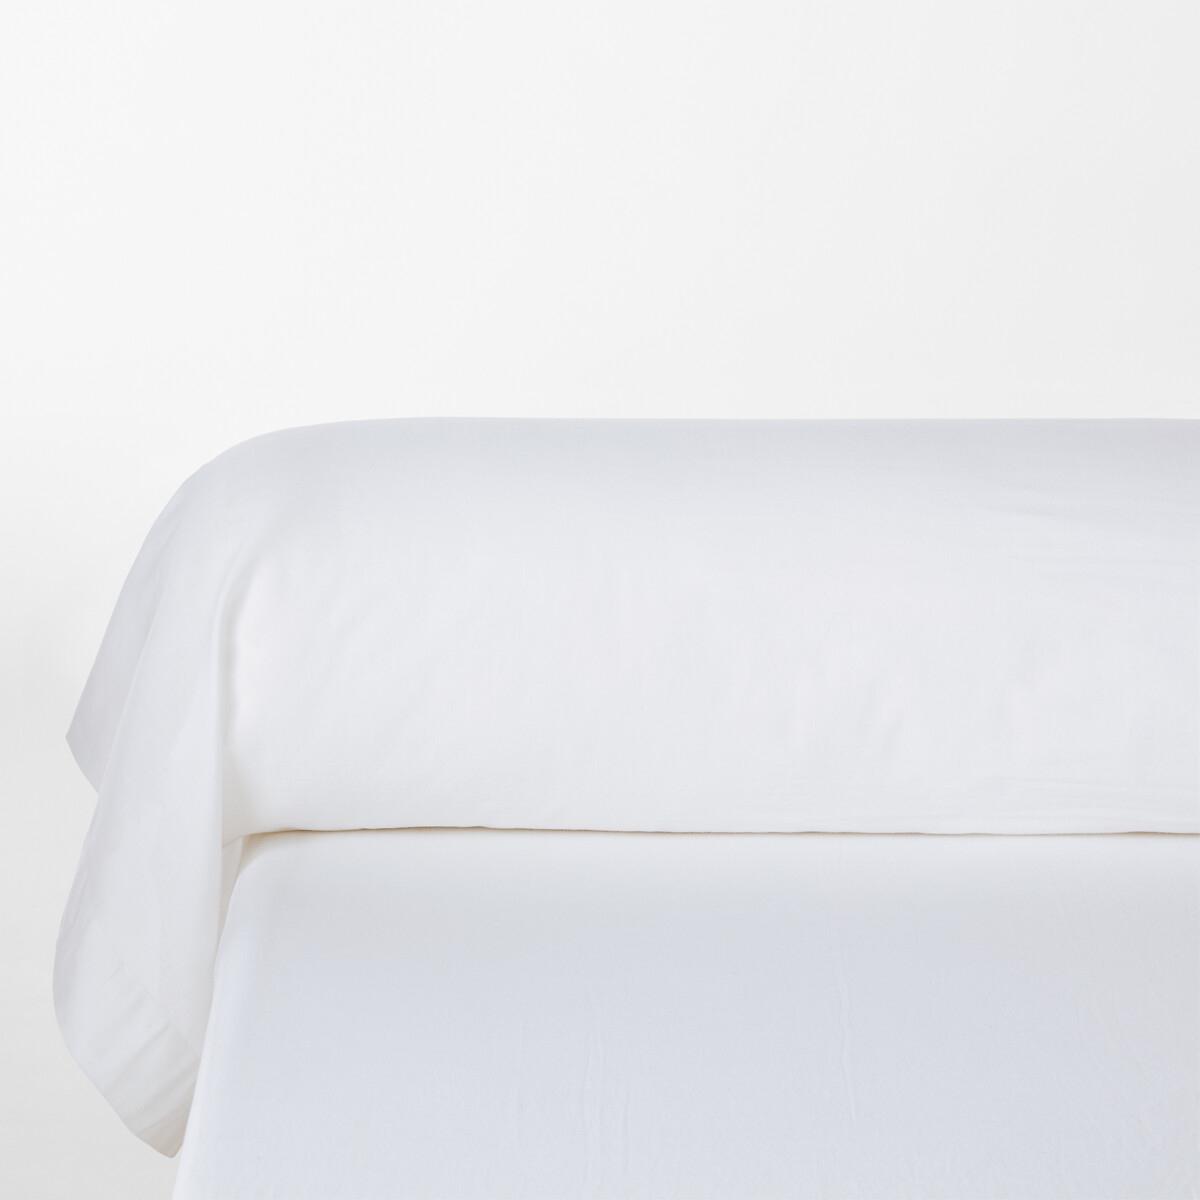 Наволочка La Redoute На подушку-валик Elvira 85 x 185 см белый чехол la redoute на подушку валик ecaille 45 x 45 см синий